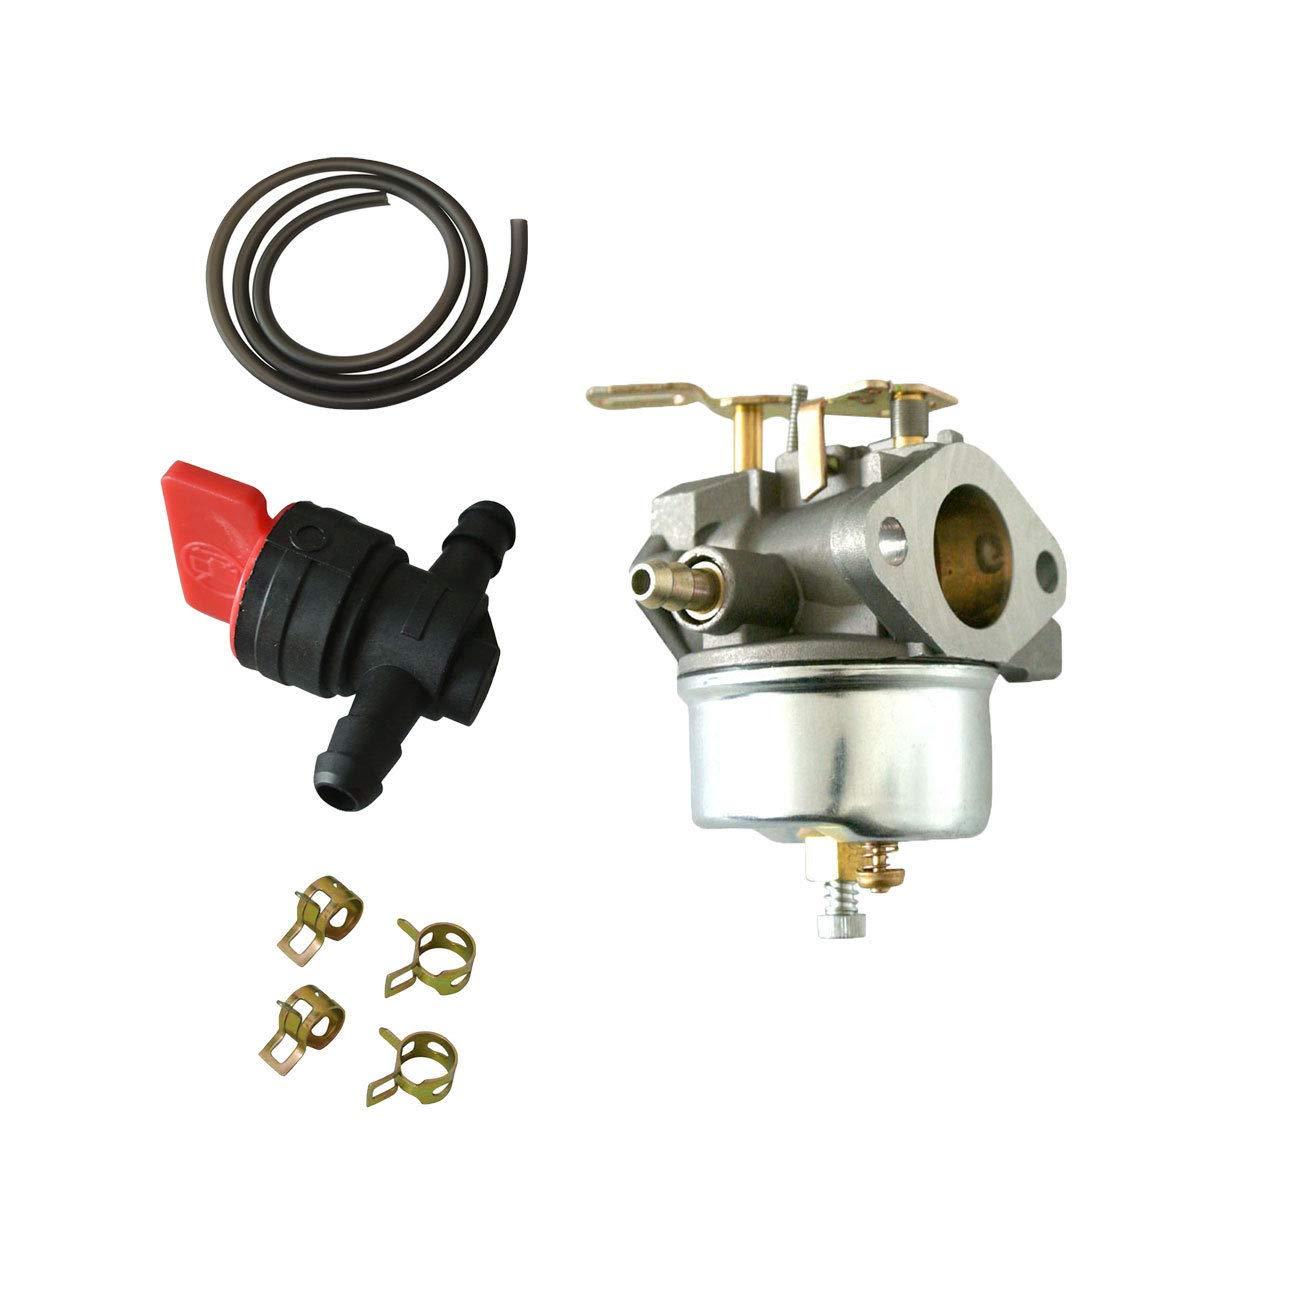 FidgetKute Carburetor Fuel Line Fit Tecumseh 632334A 632334 632111 HM70 HM80 HMSK80 HMSK90